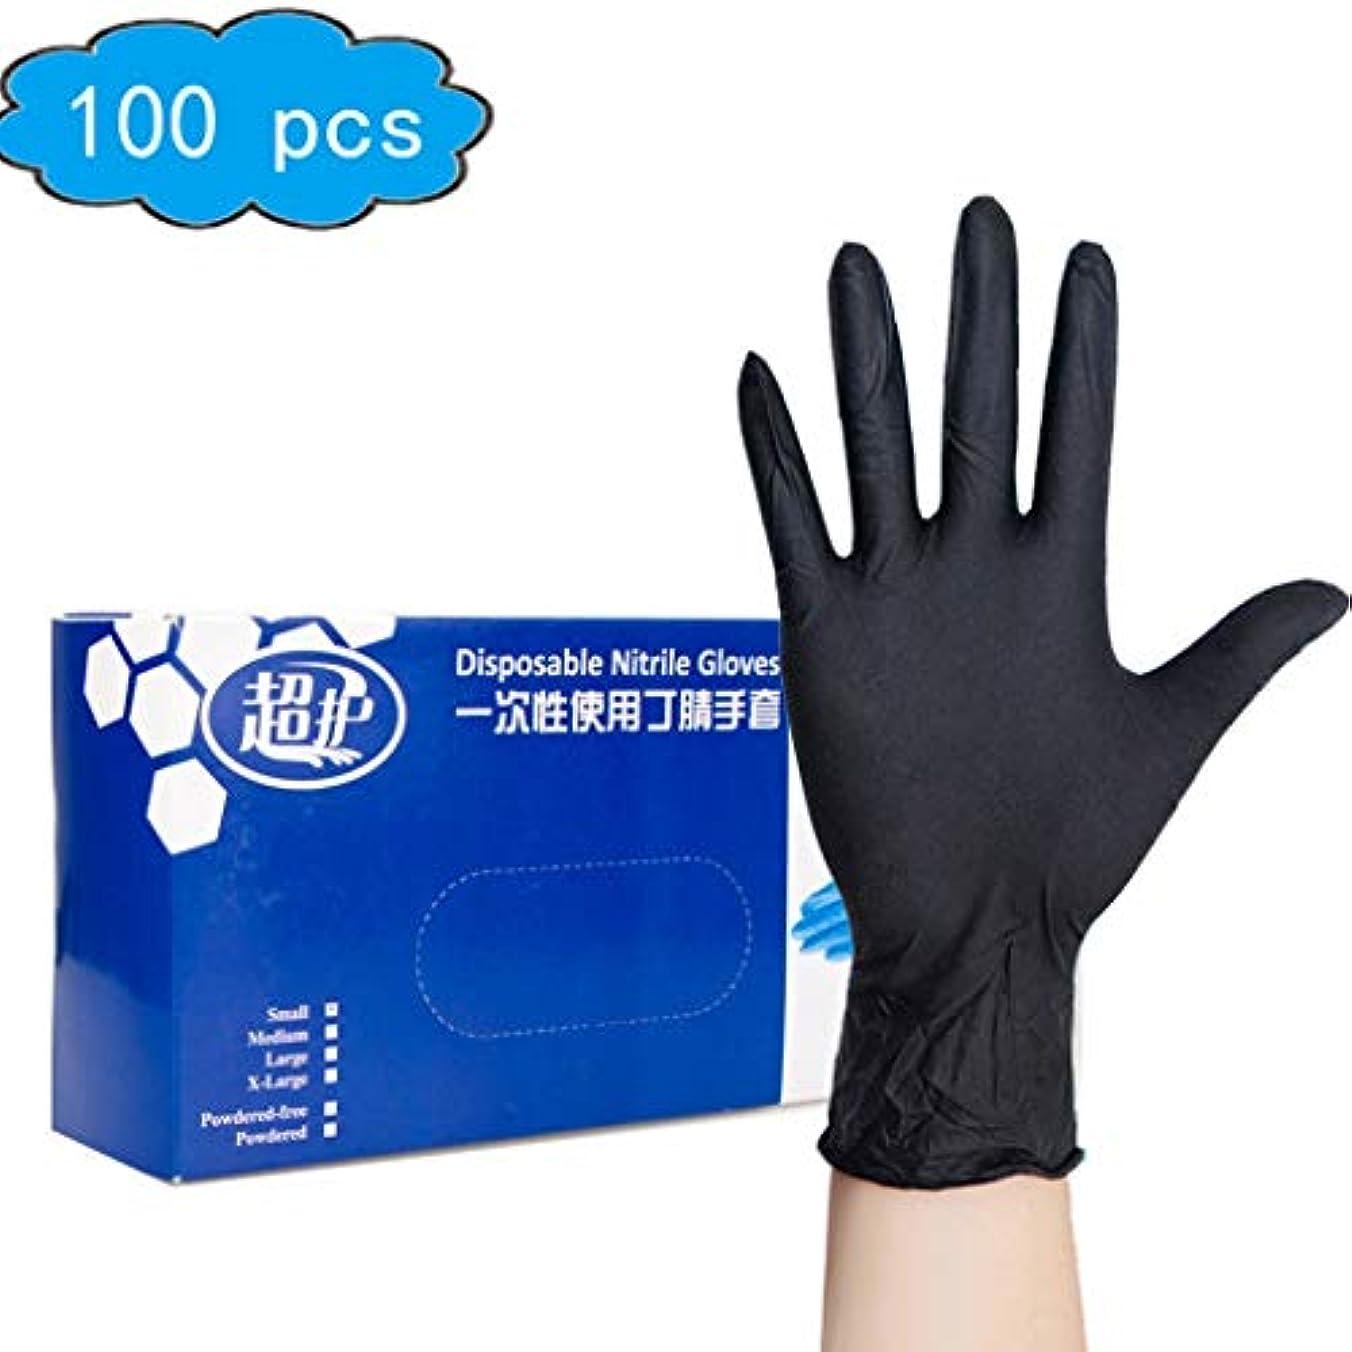 従事するどこにでも成熟使い捨てニトリルエクストラストロング手袋、パウダーフリー、工業用手袋、100 PCS (Color : Black, Size : M)